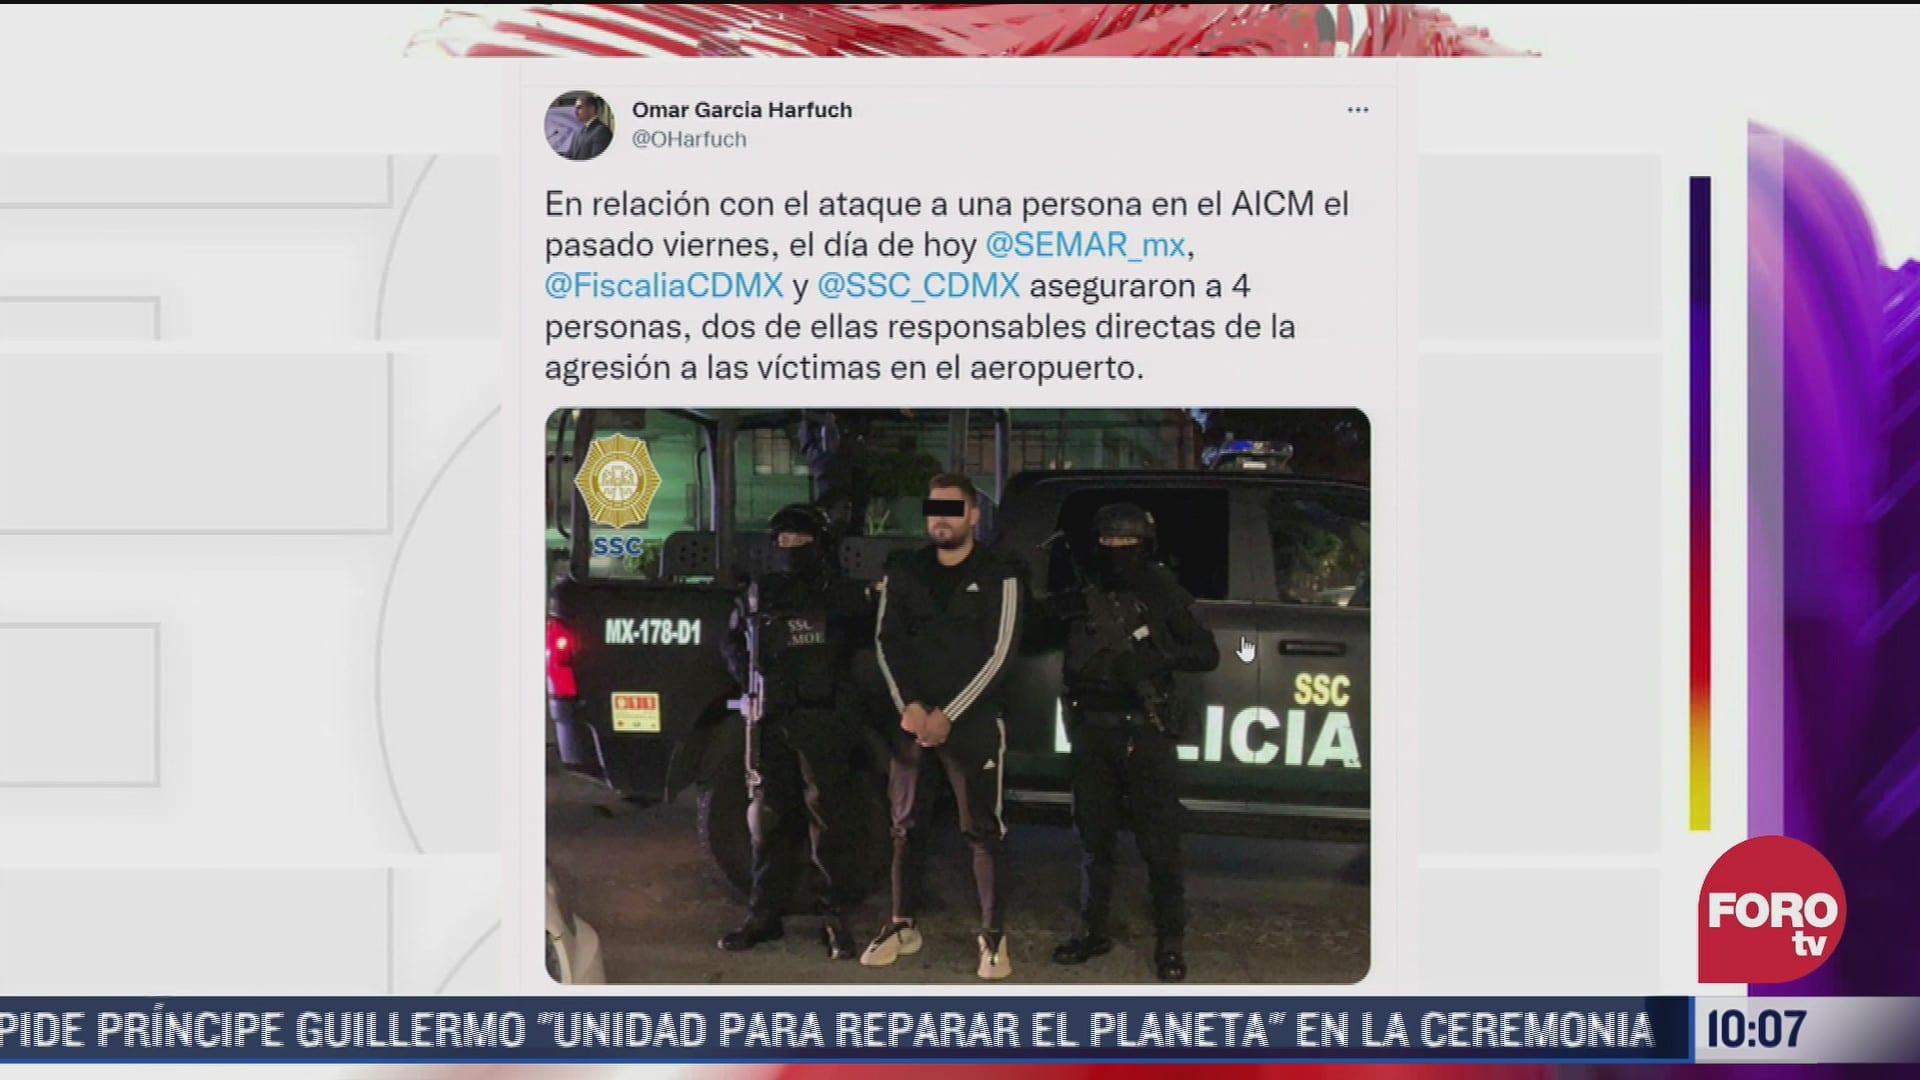 omar garcia harfuch confirma detencion de implicados en tiroteo en aicm